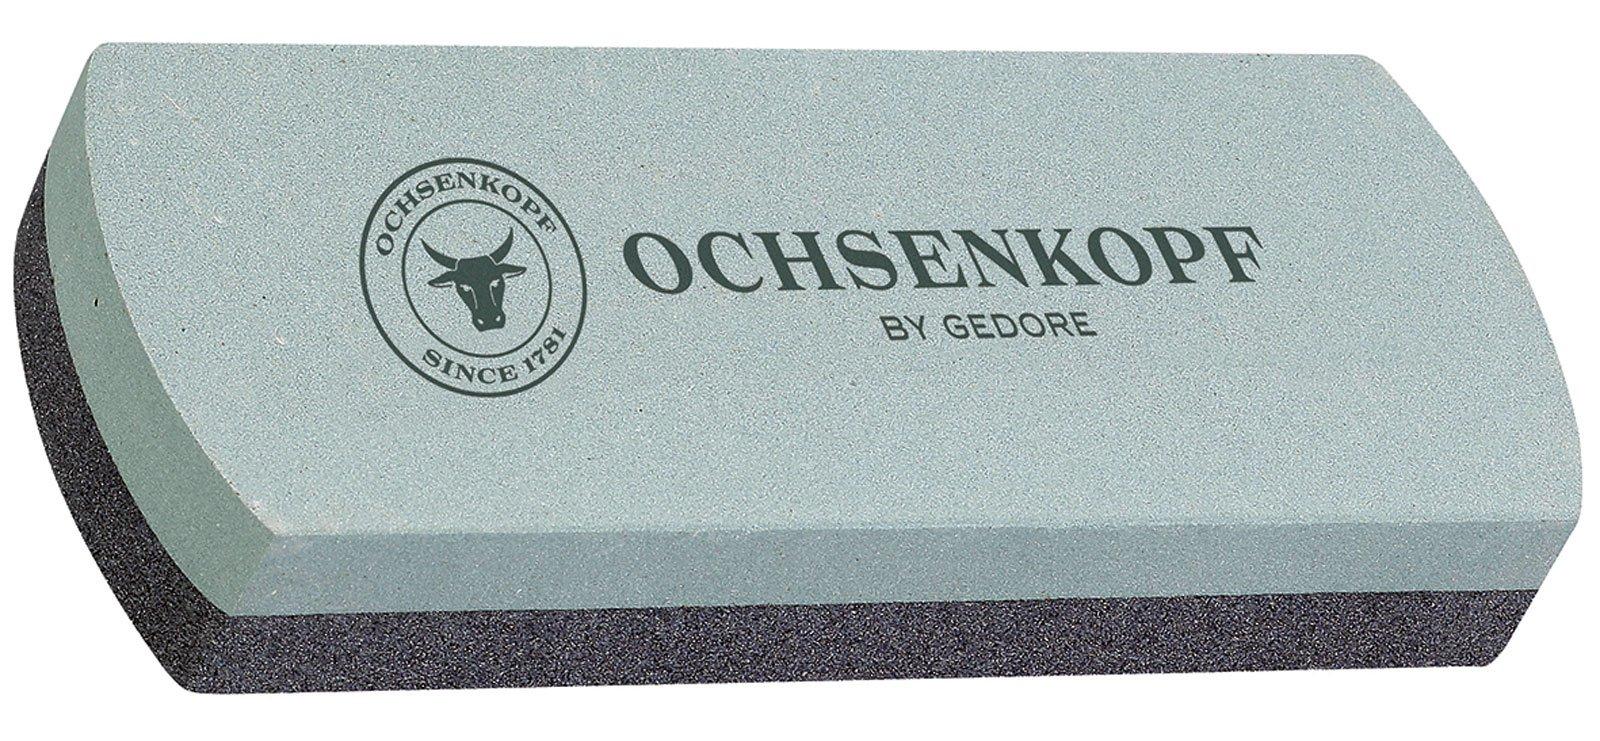 Ochsenkopf Grindstone